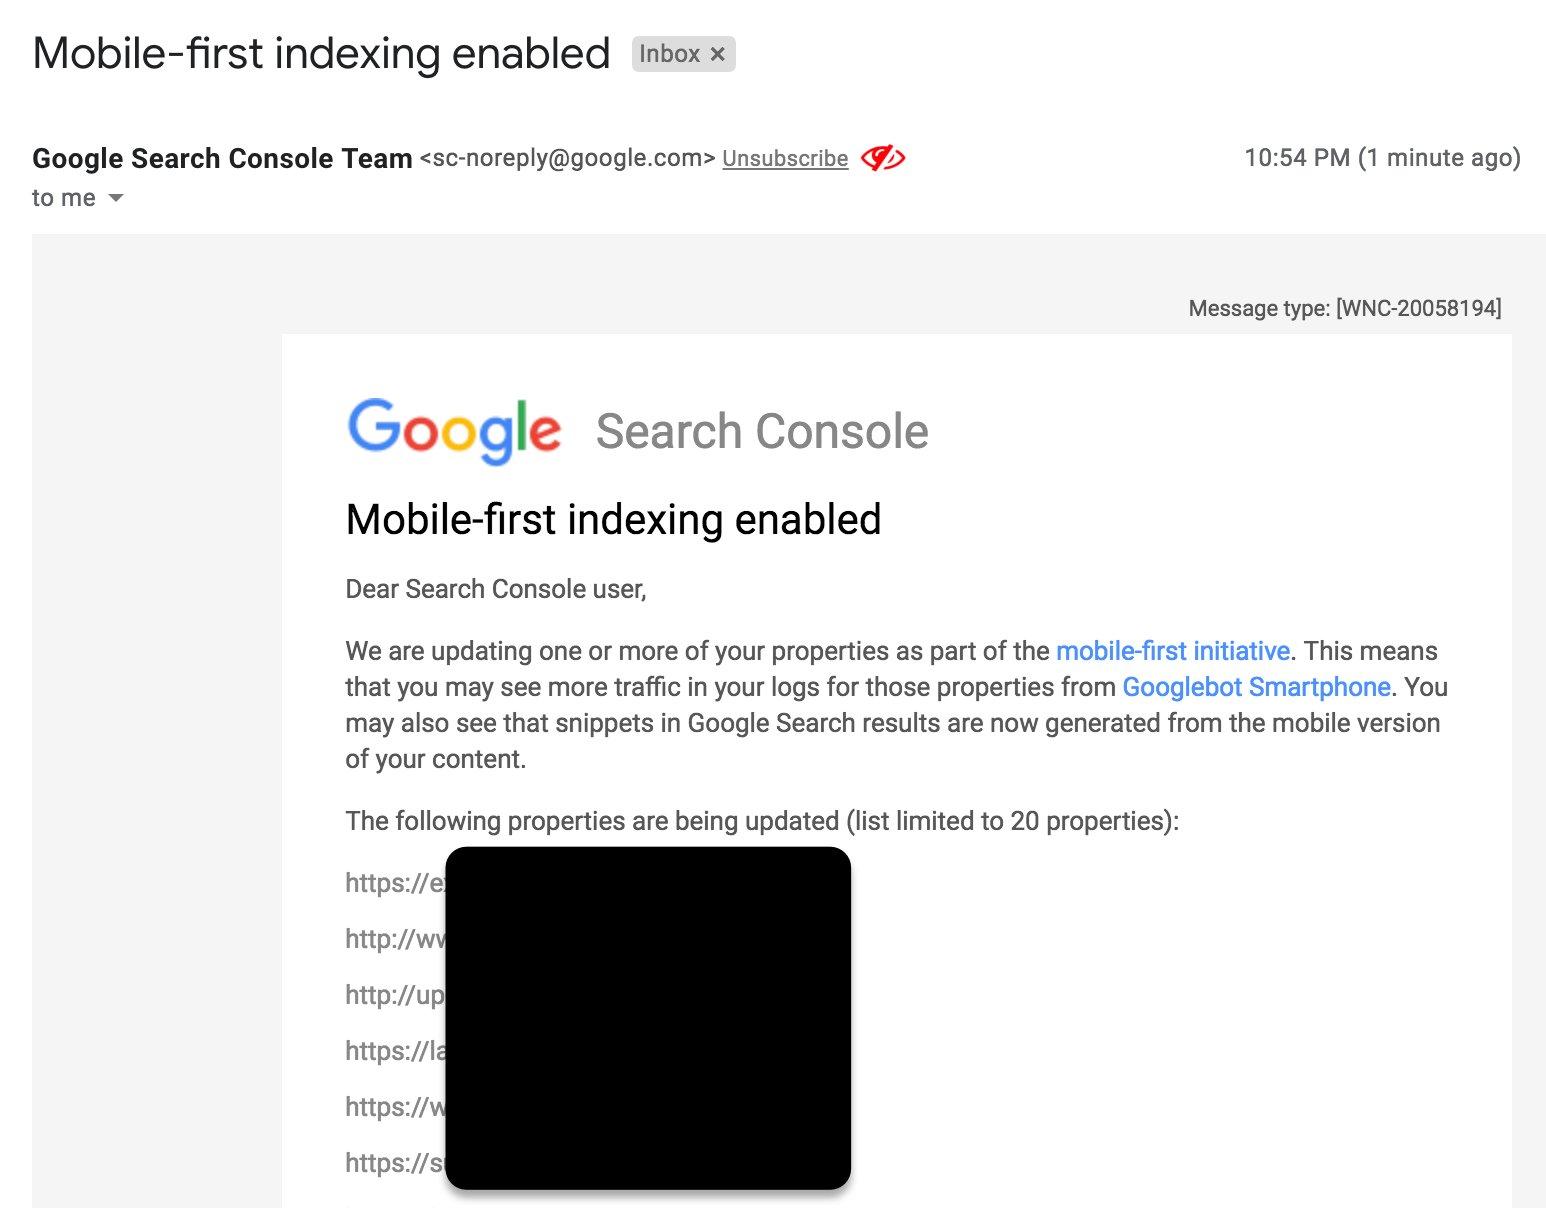 Google стал объединять оповещения о переходе на mobile-first